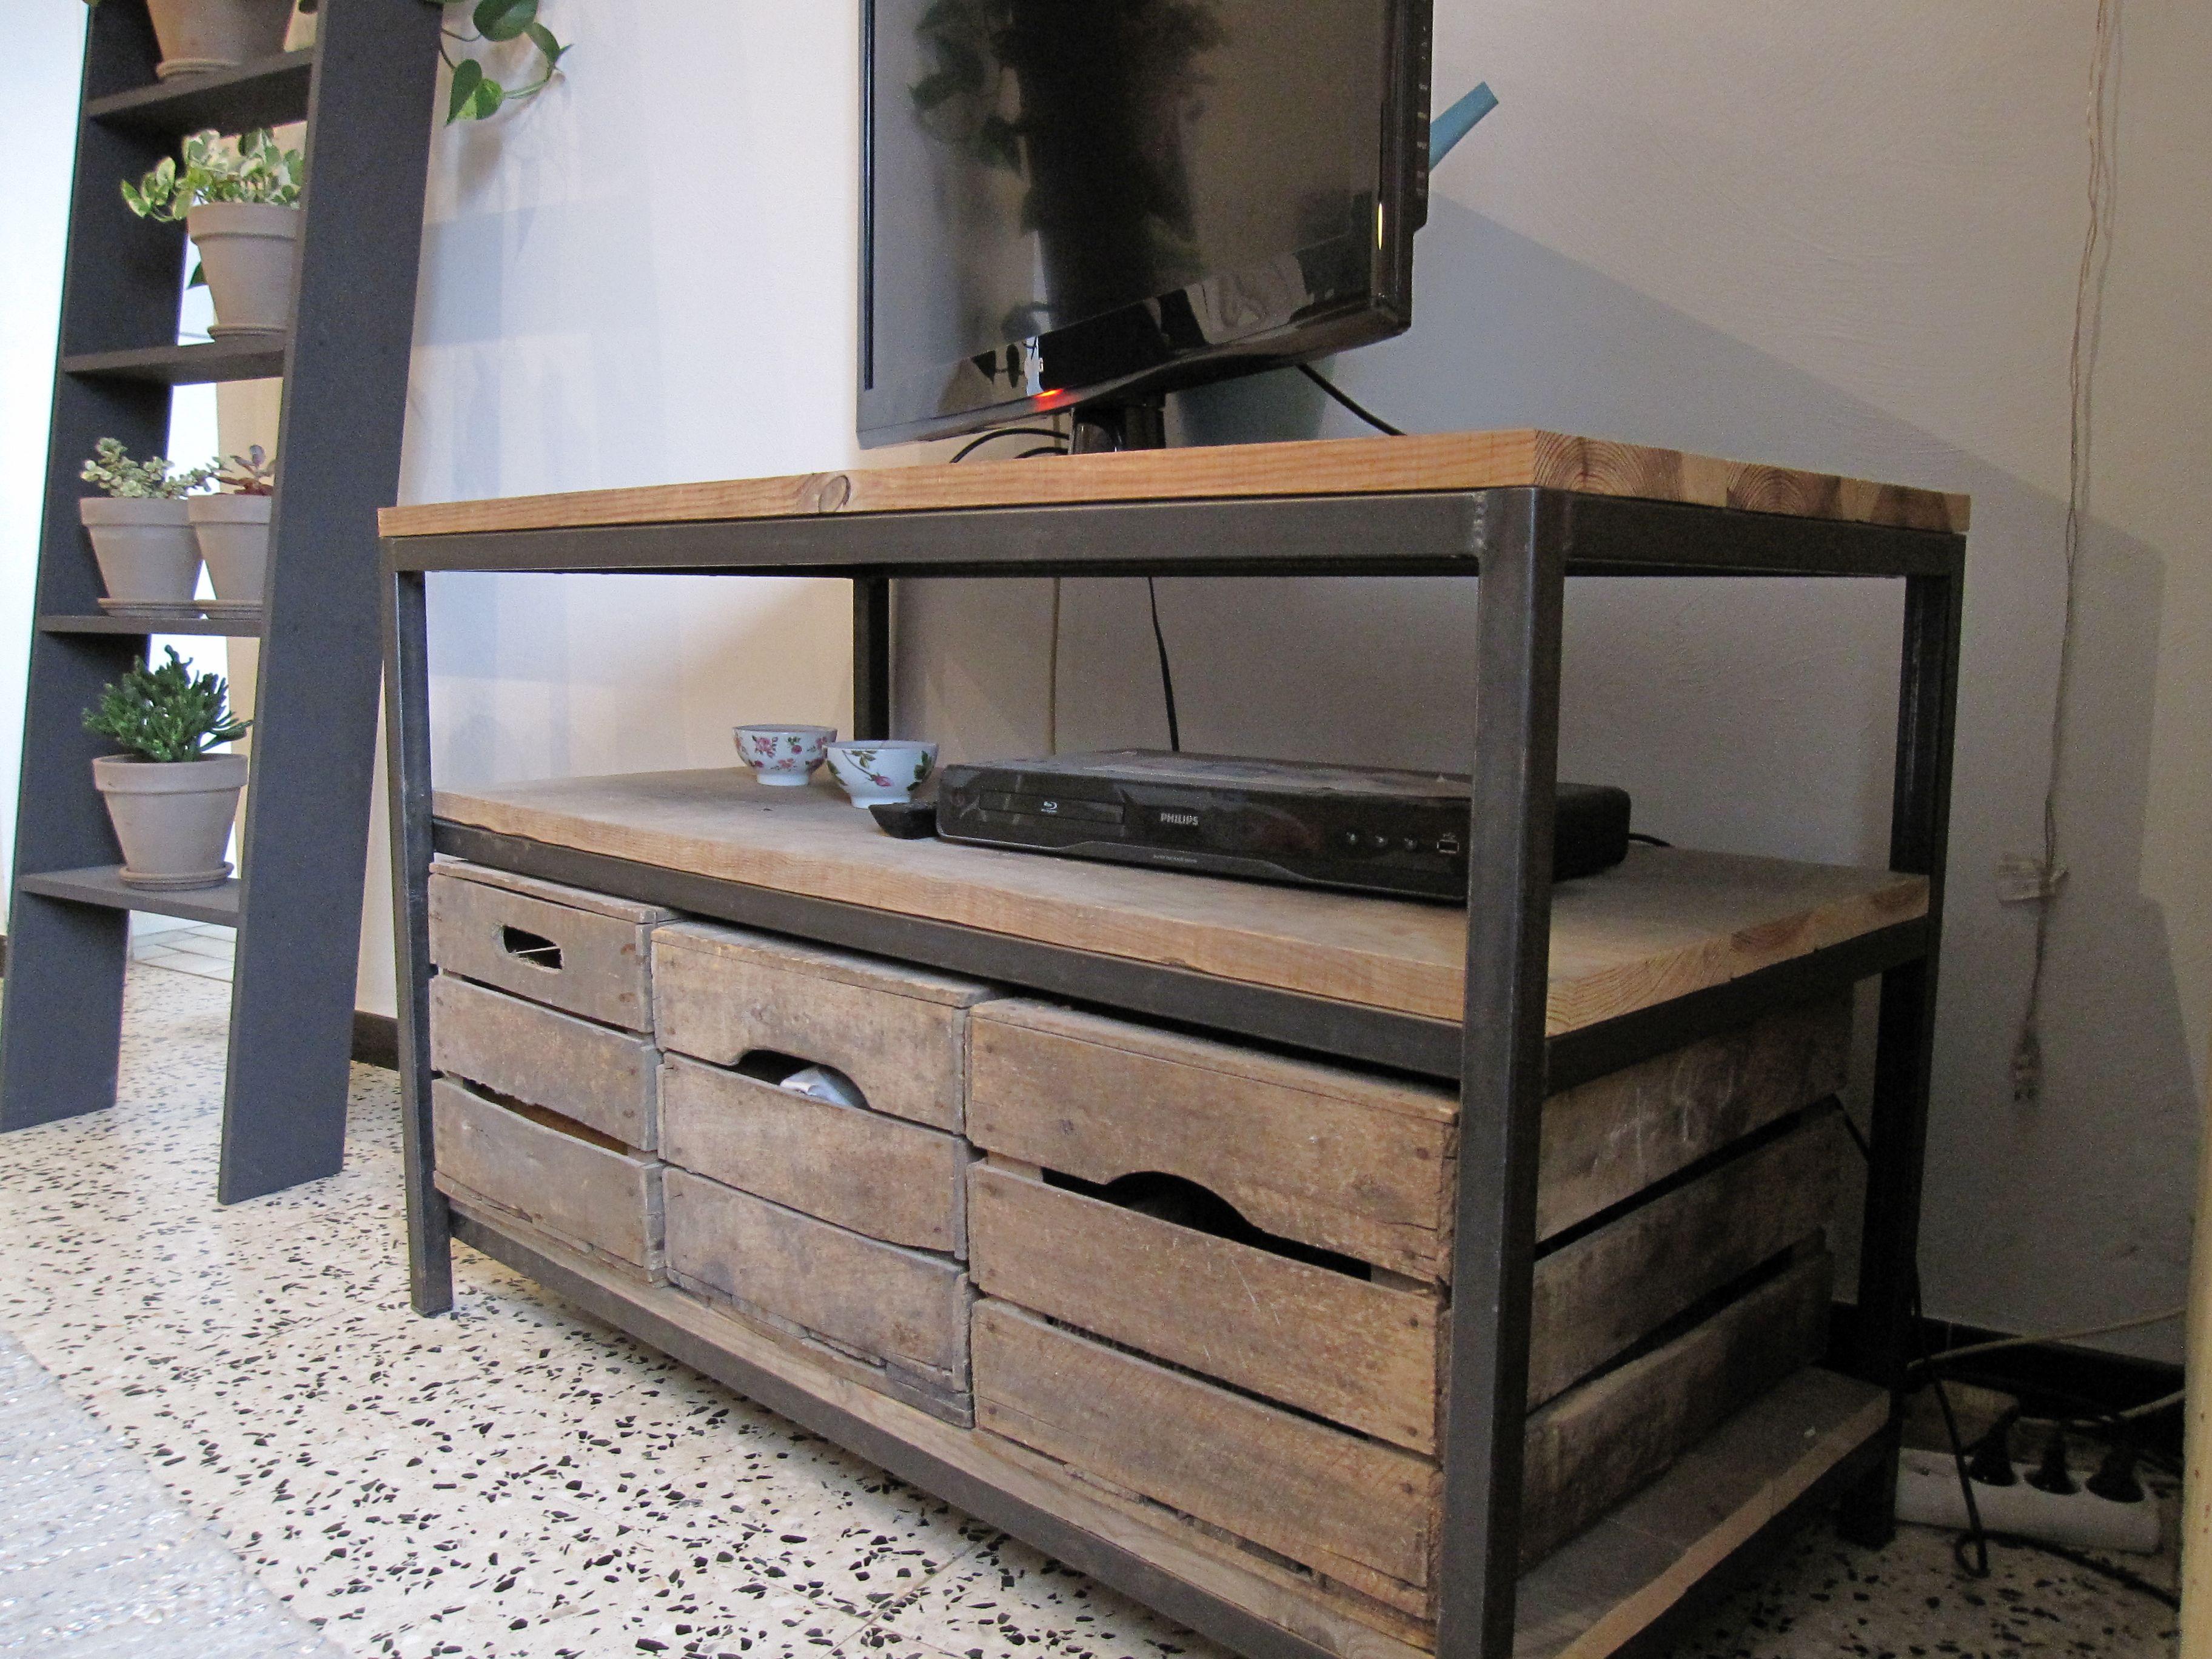 Meuble t l acier et sapin massif avec caisses en bois assorties palette meuble bois et - Meuble fer et bois ...